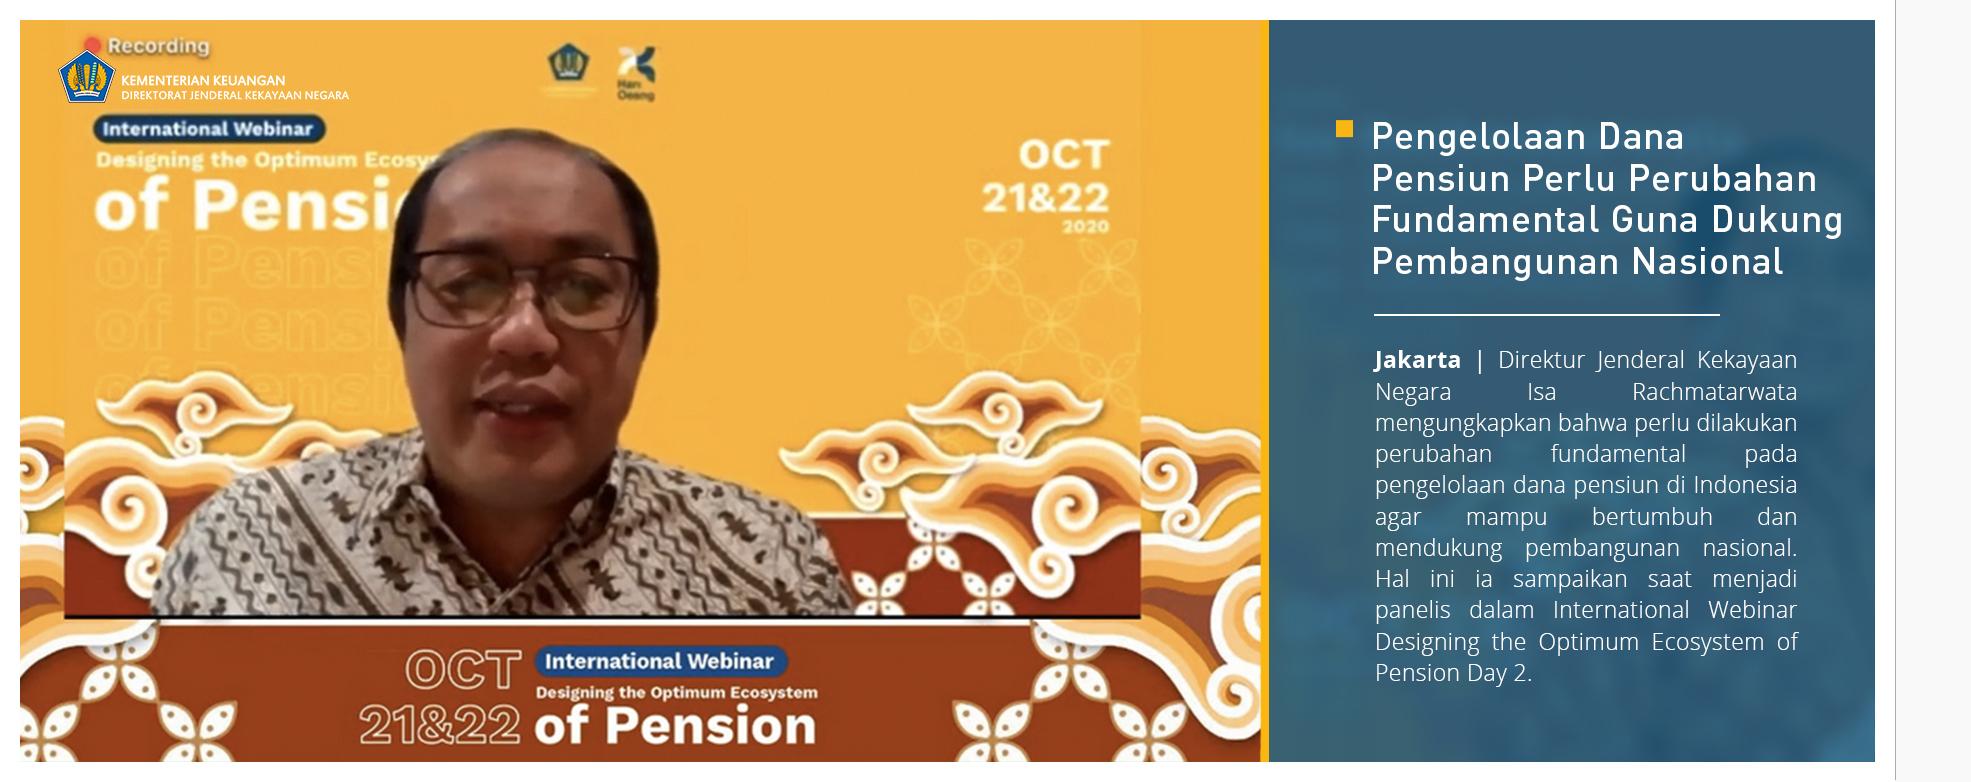 Pengelolaan Dana Pensiun Perlu Perubahan Fundamental Guna Dukung Pembangunan Nasional